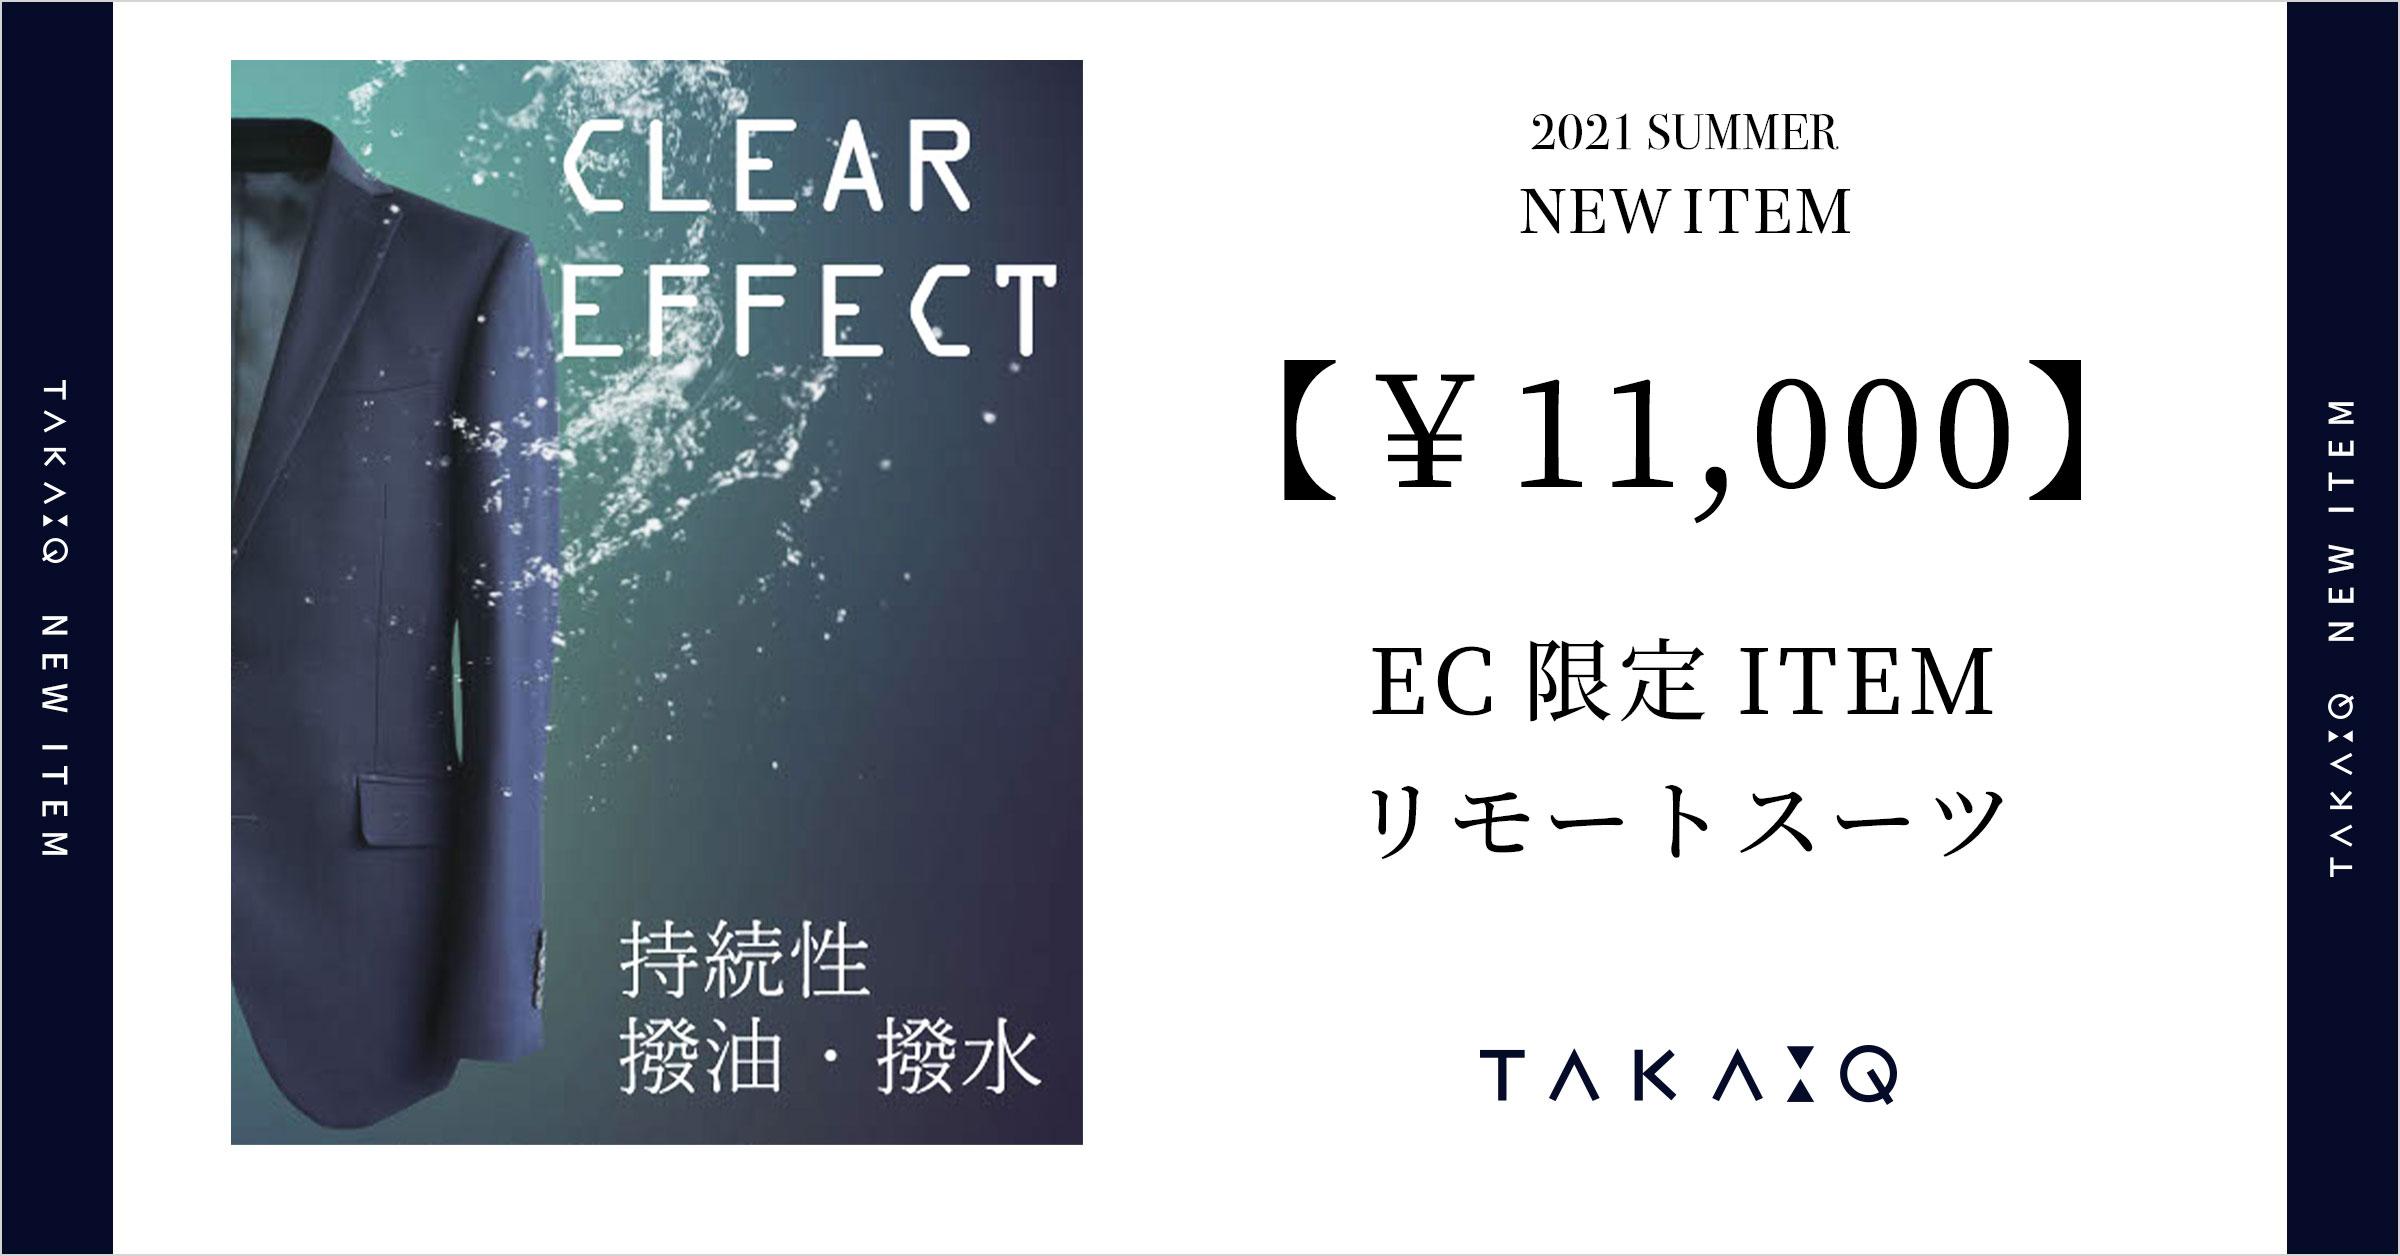 【¥11,000】リモートスーツデビュー!